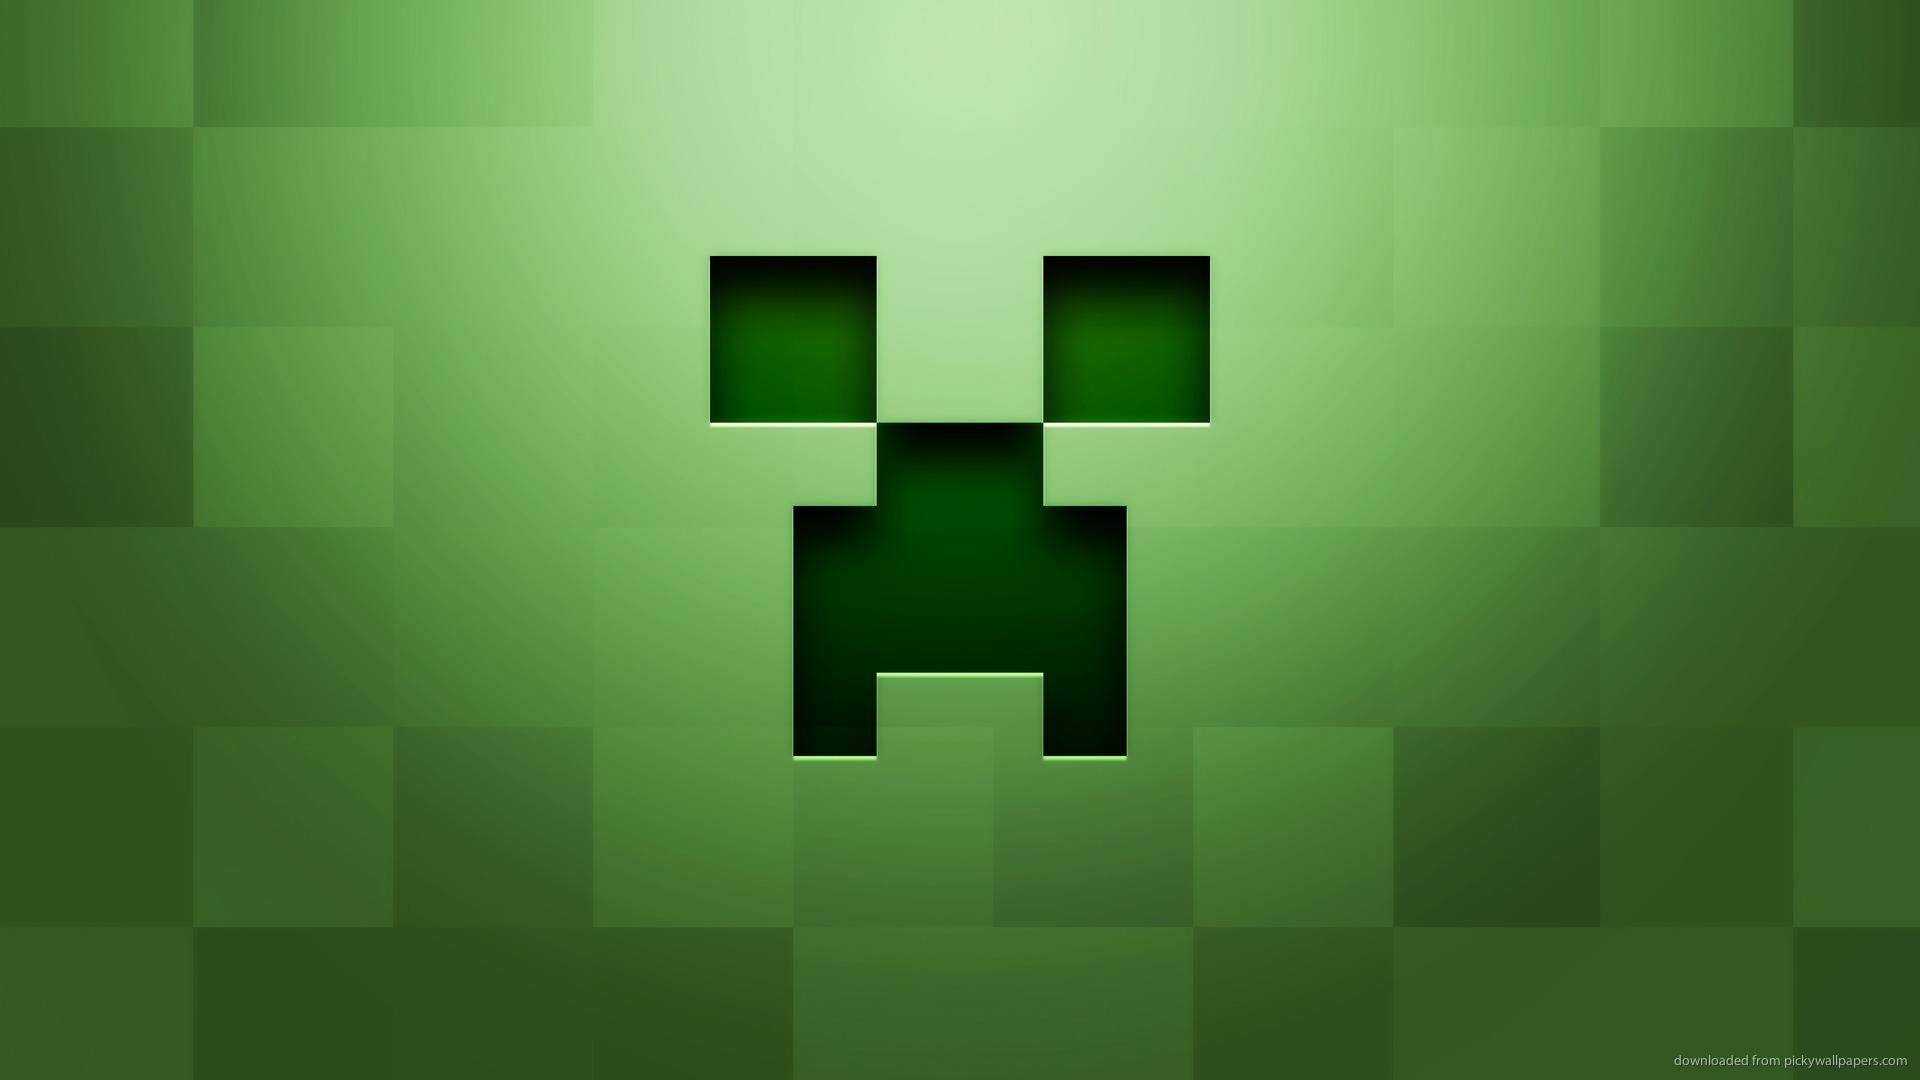 com 1920x1080 games minecraft minecraft creeper wallpaper download